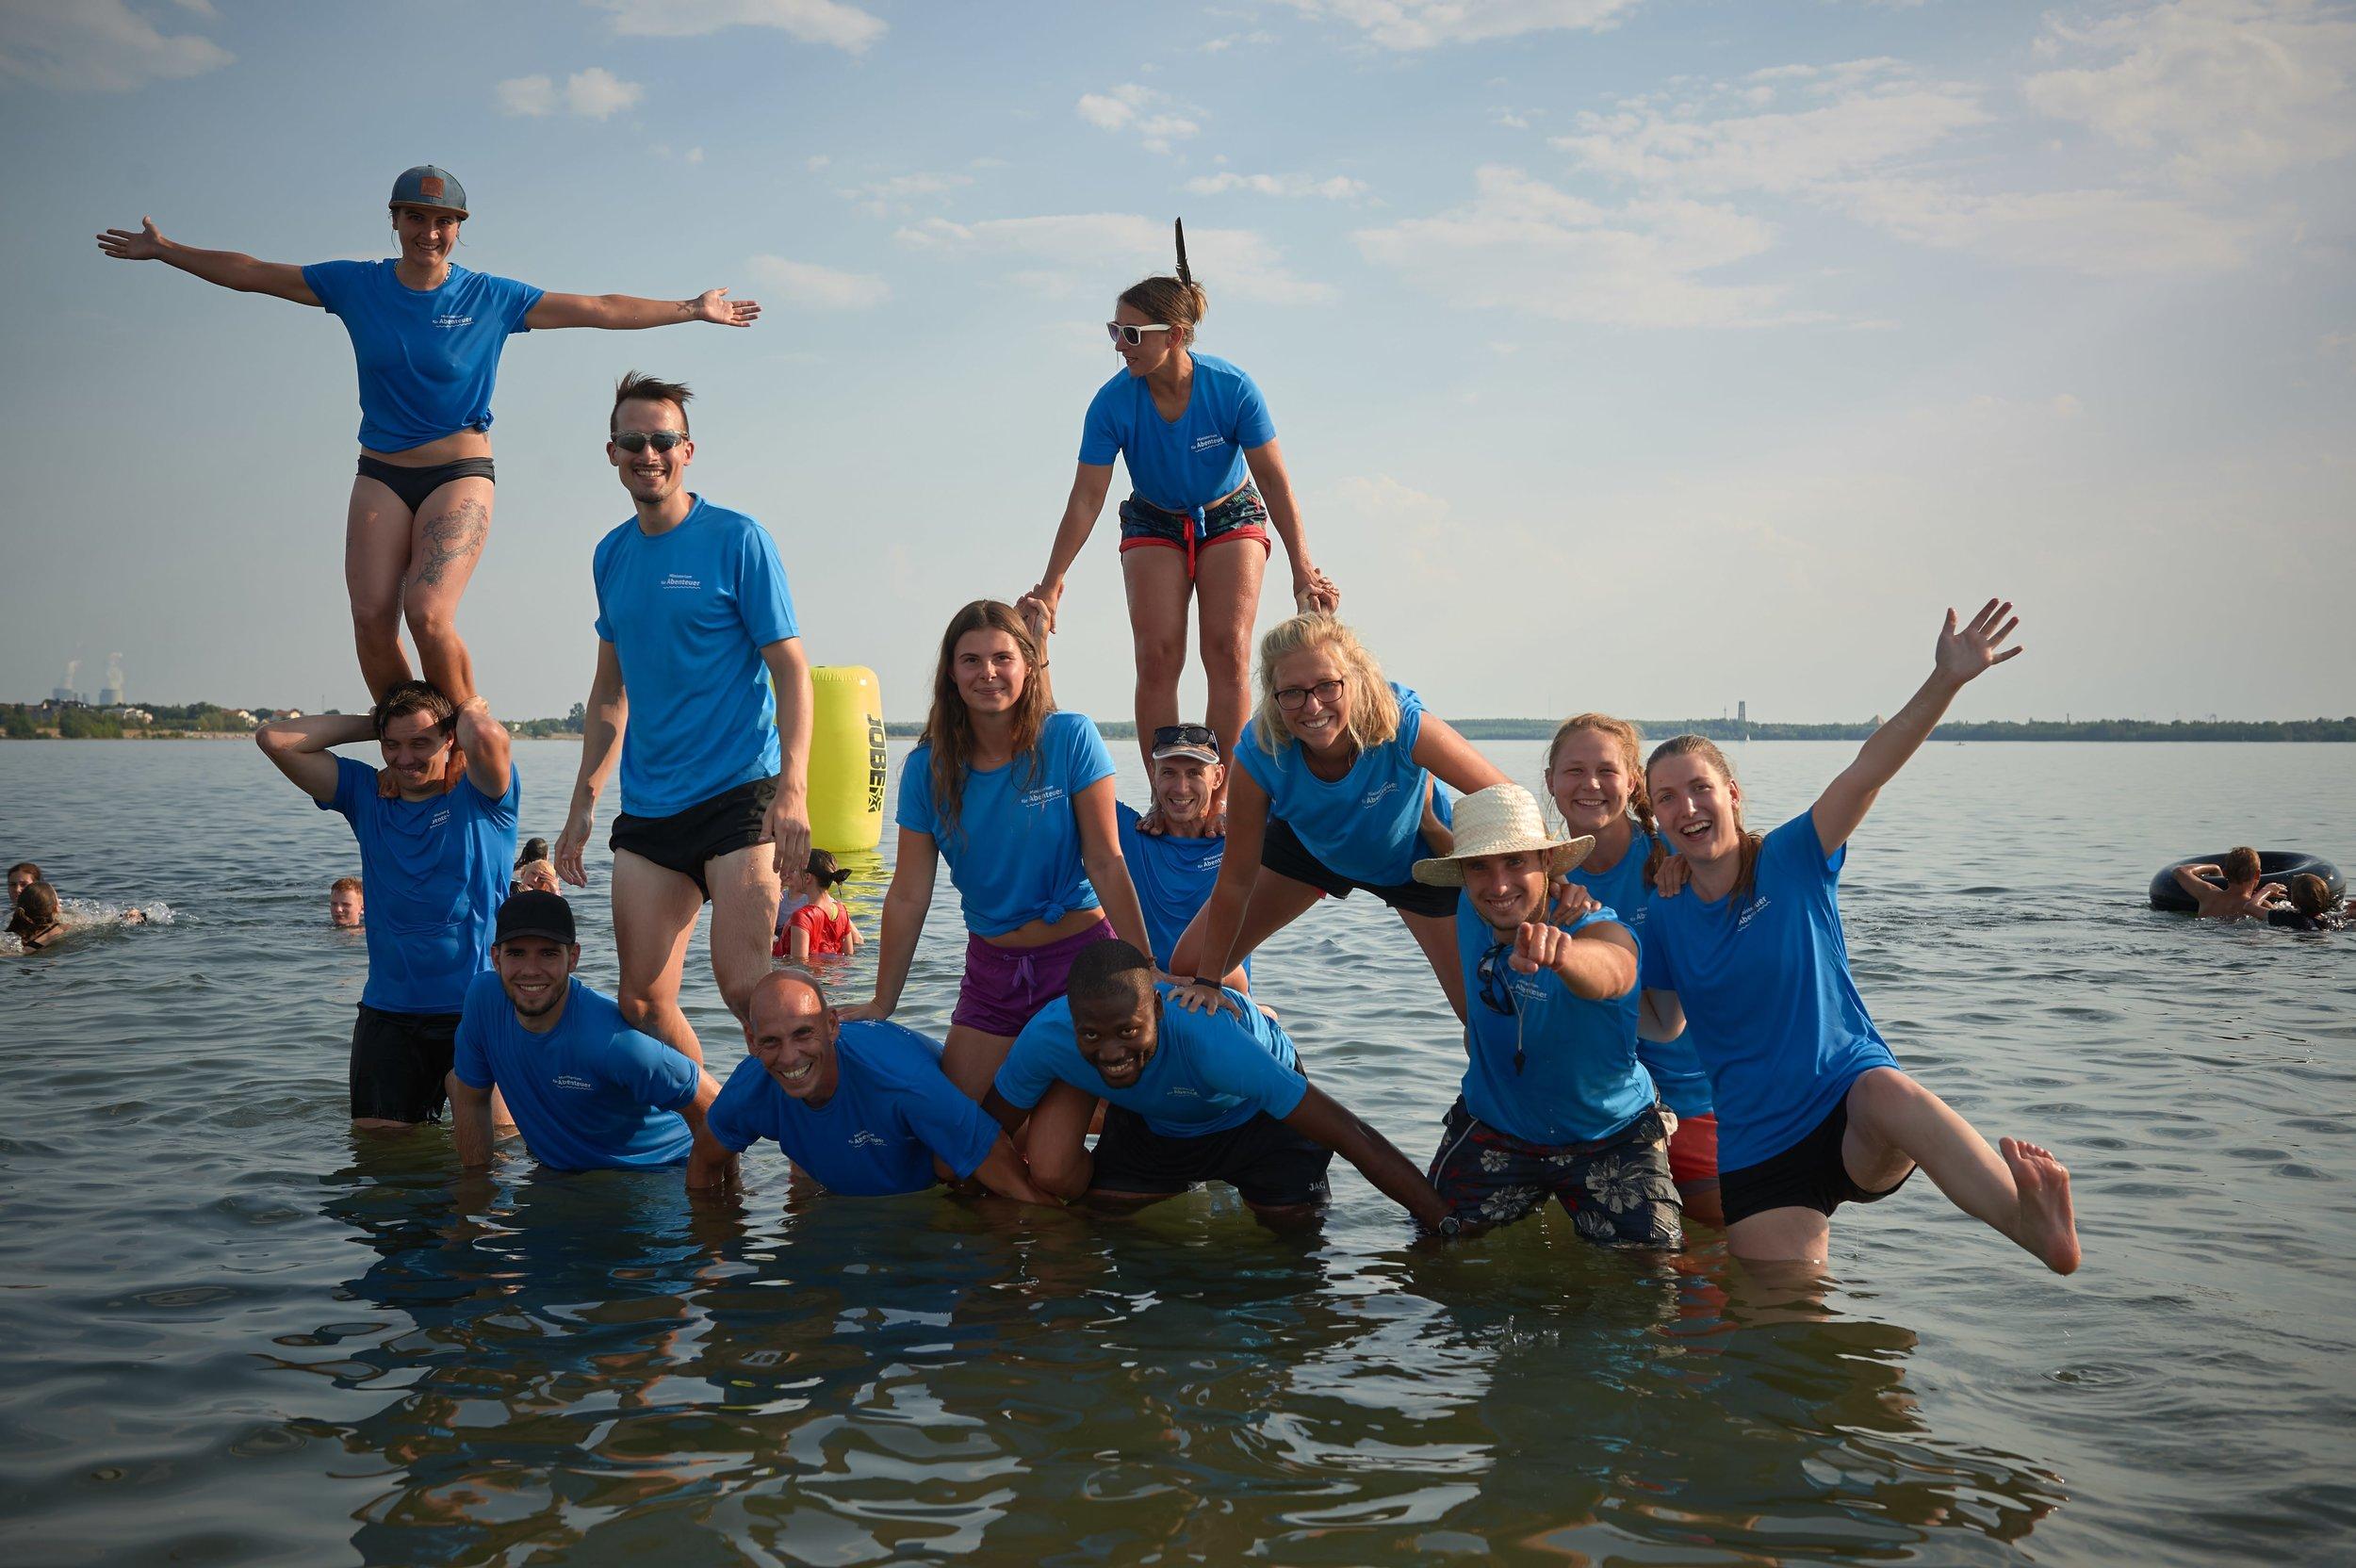 team_watersport_kids_games 182-min.jpg